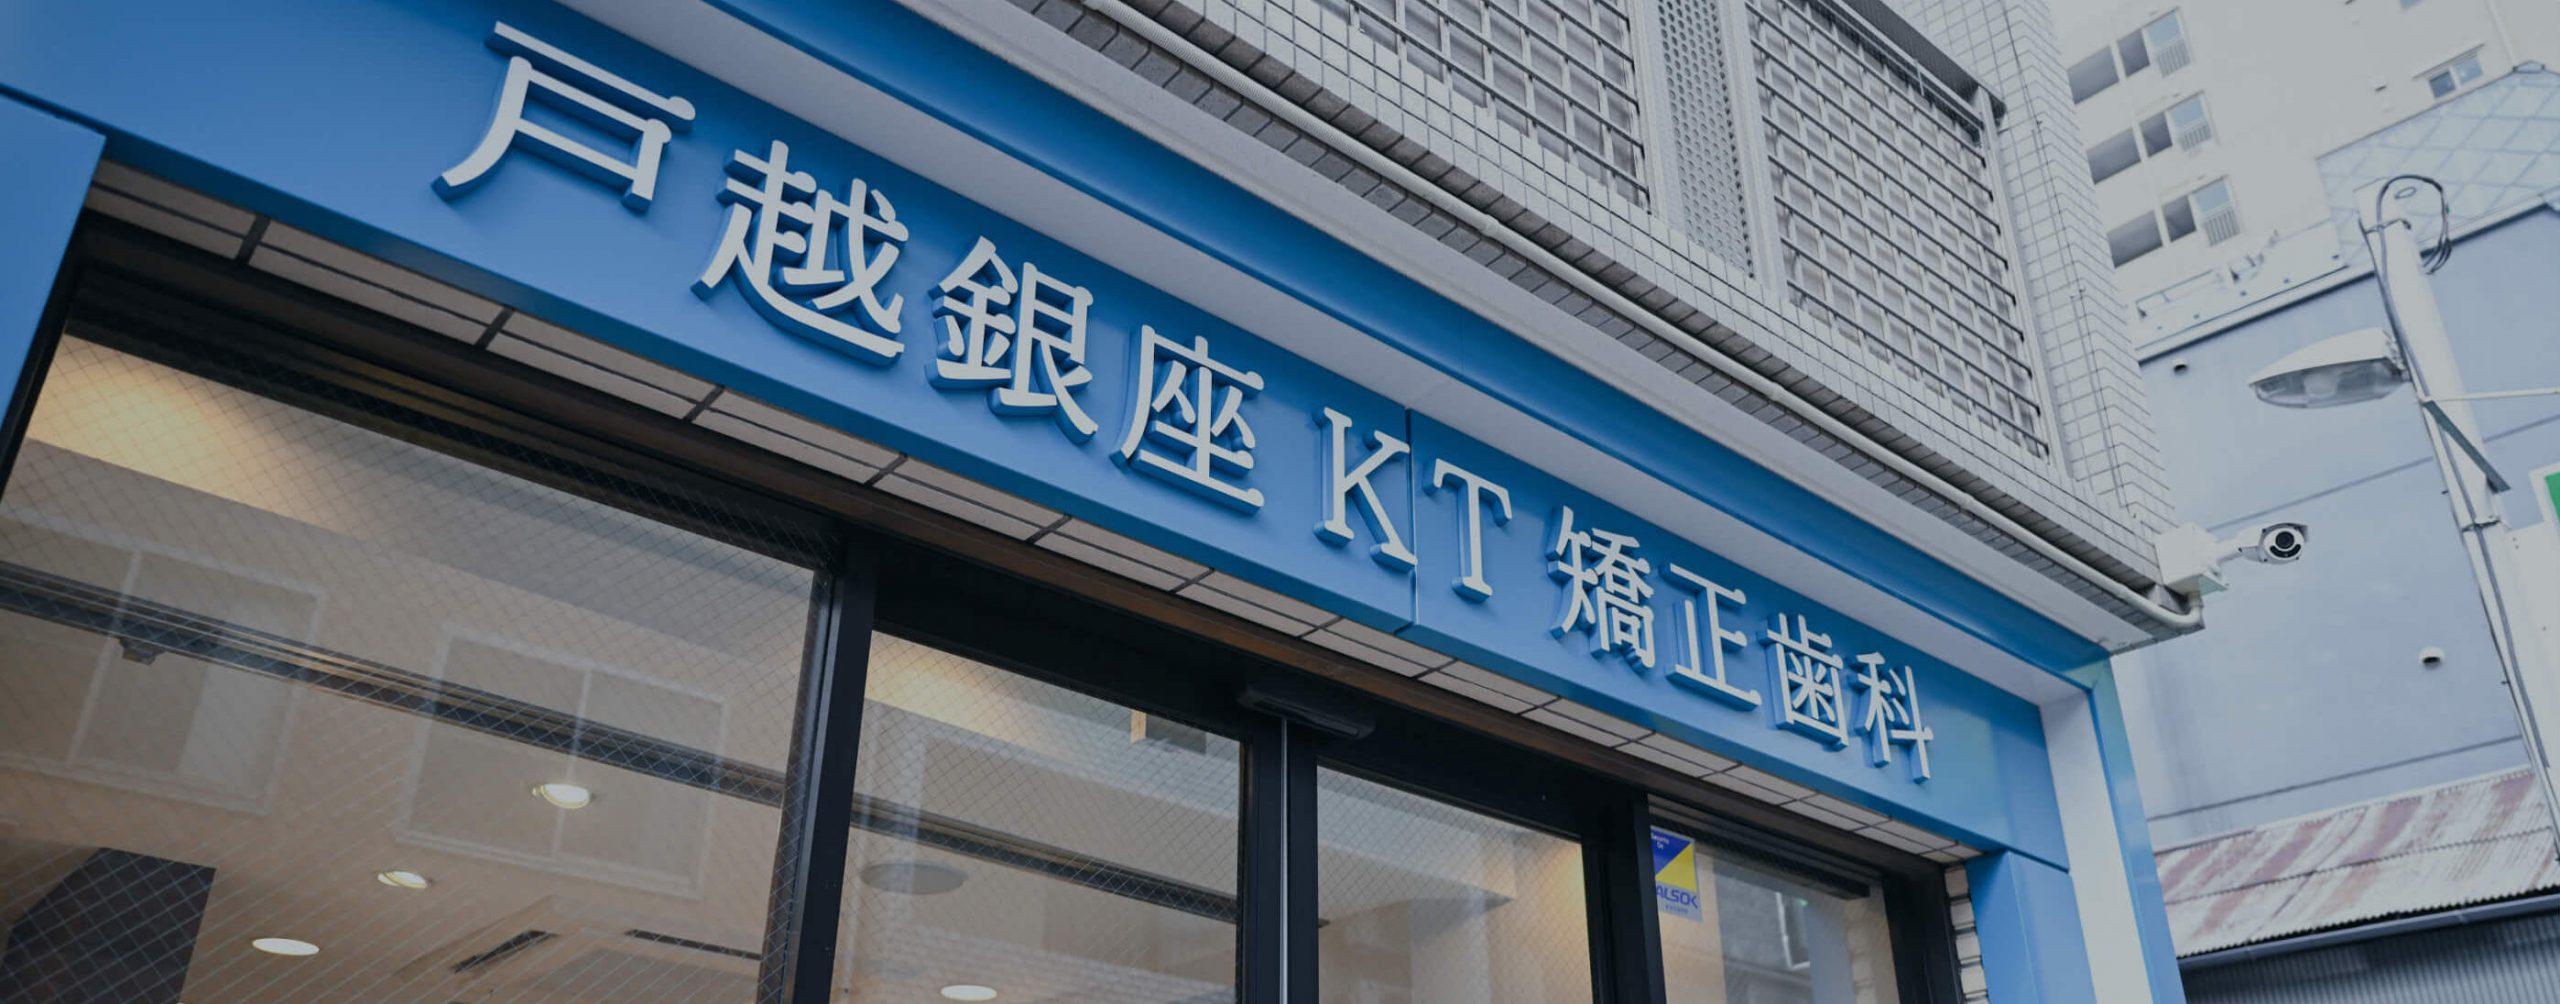 品川区の矯正歯科なら戸越銀座KT矯正歯科